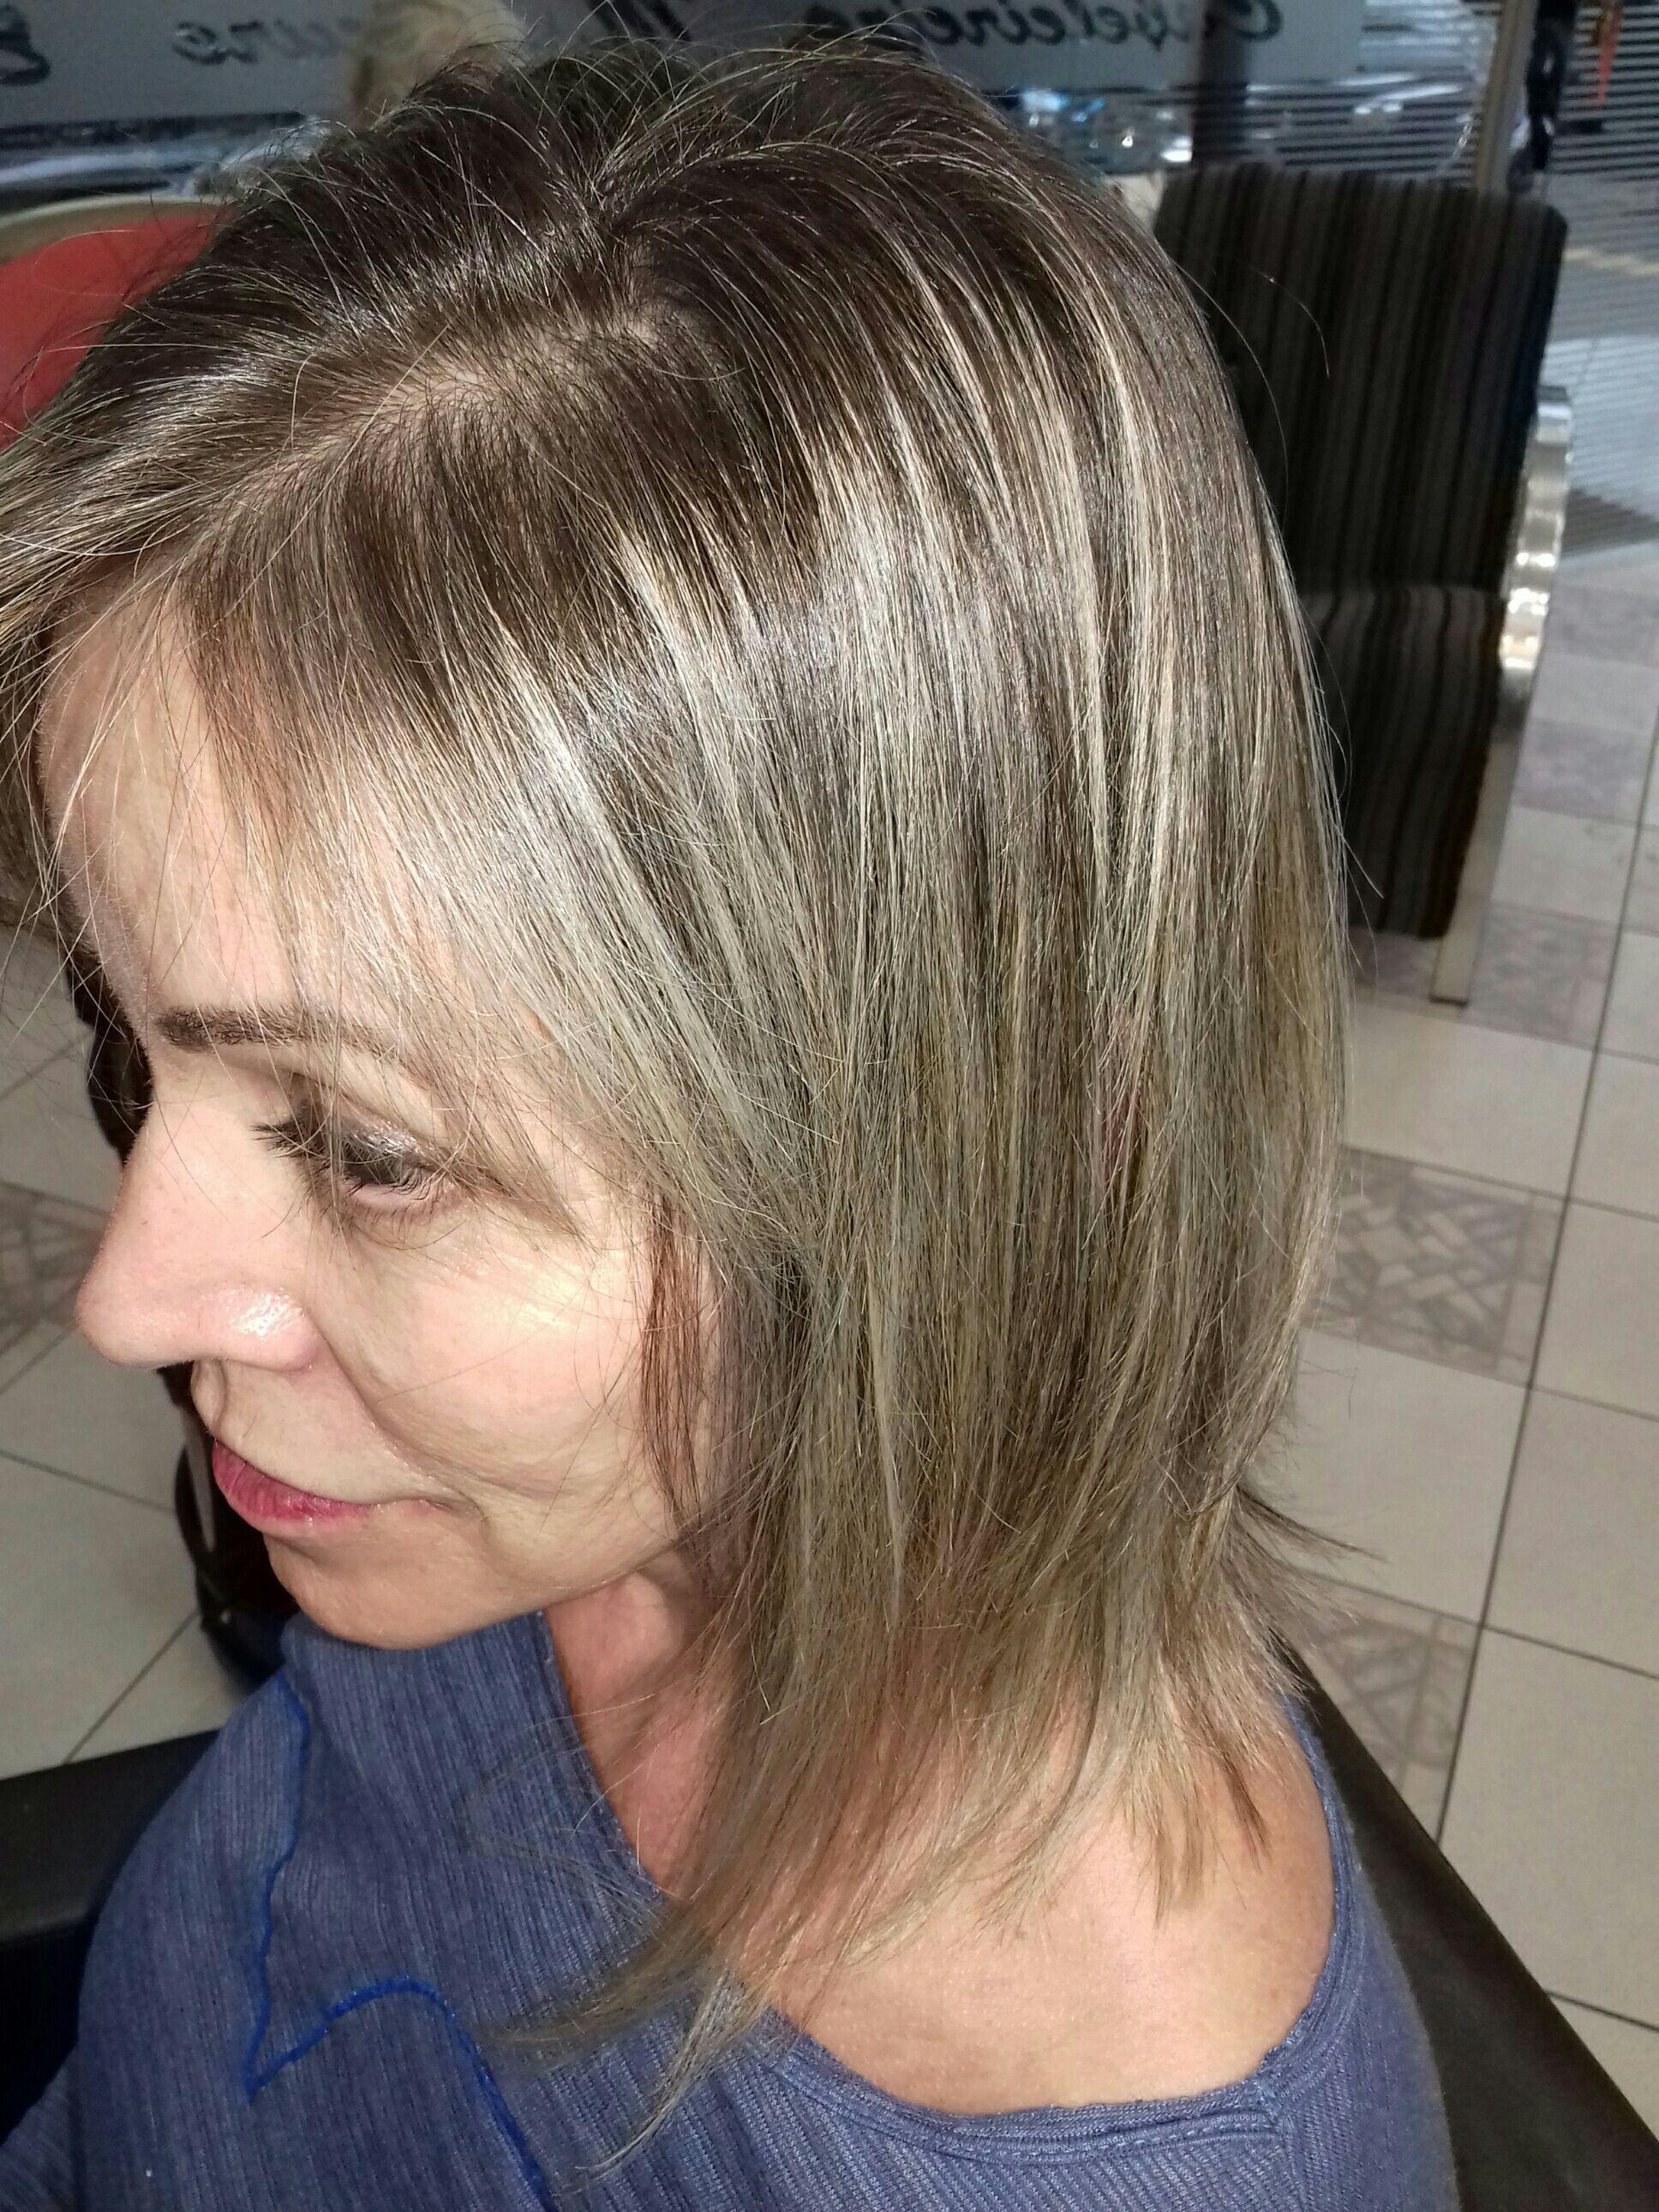 #corte#desfiado#cortesimétrico# cabelo cabeleireiro(a) estudante (cabeleireiro)